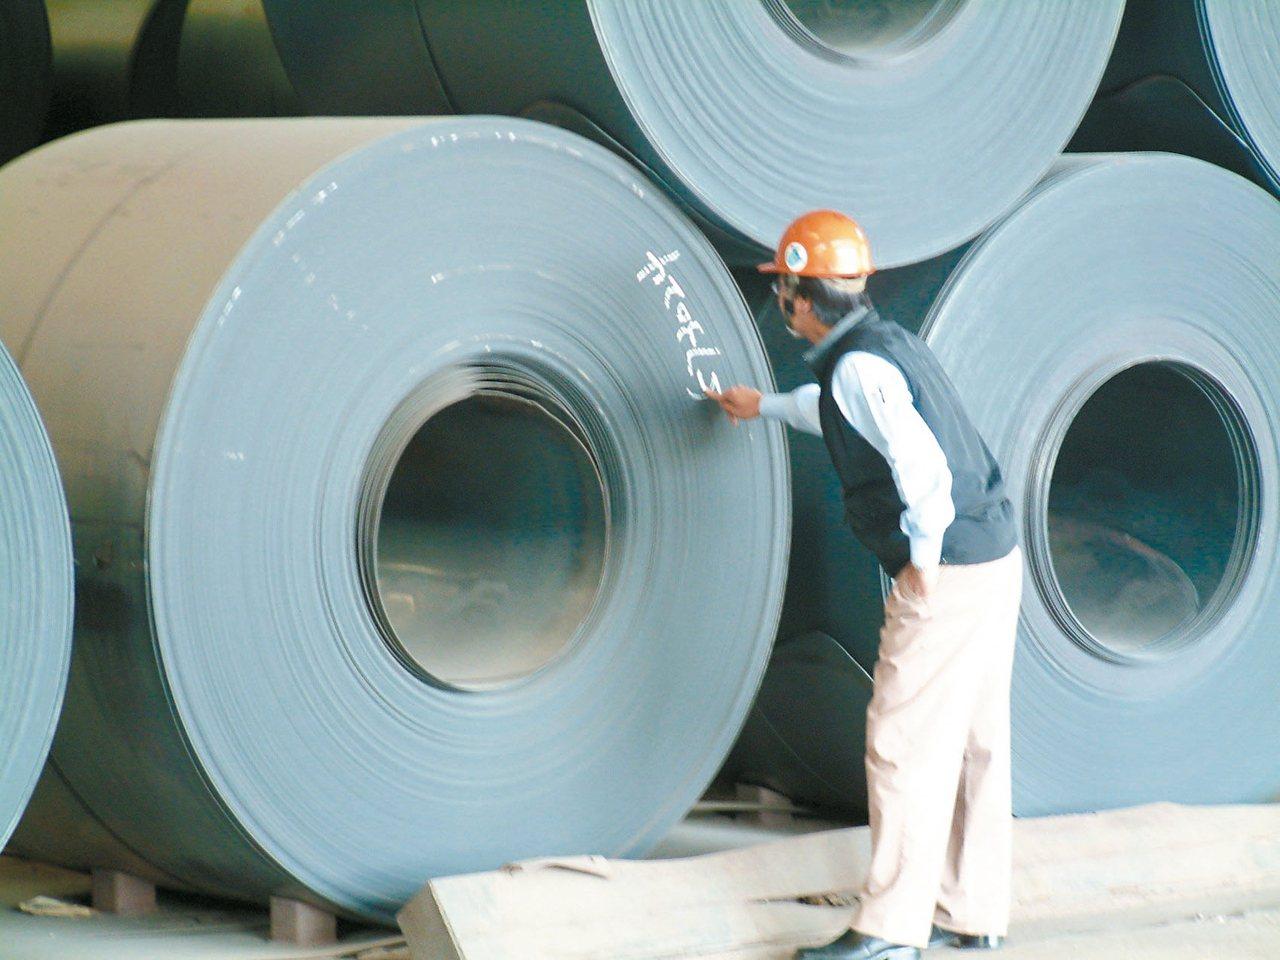 中鋼(2002)自行結算9月合併稅前淨利為22.8億元,激增58%。 聯合報系資...